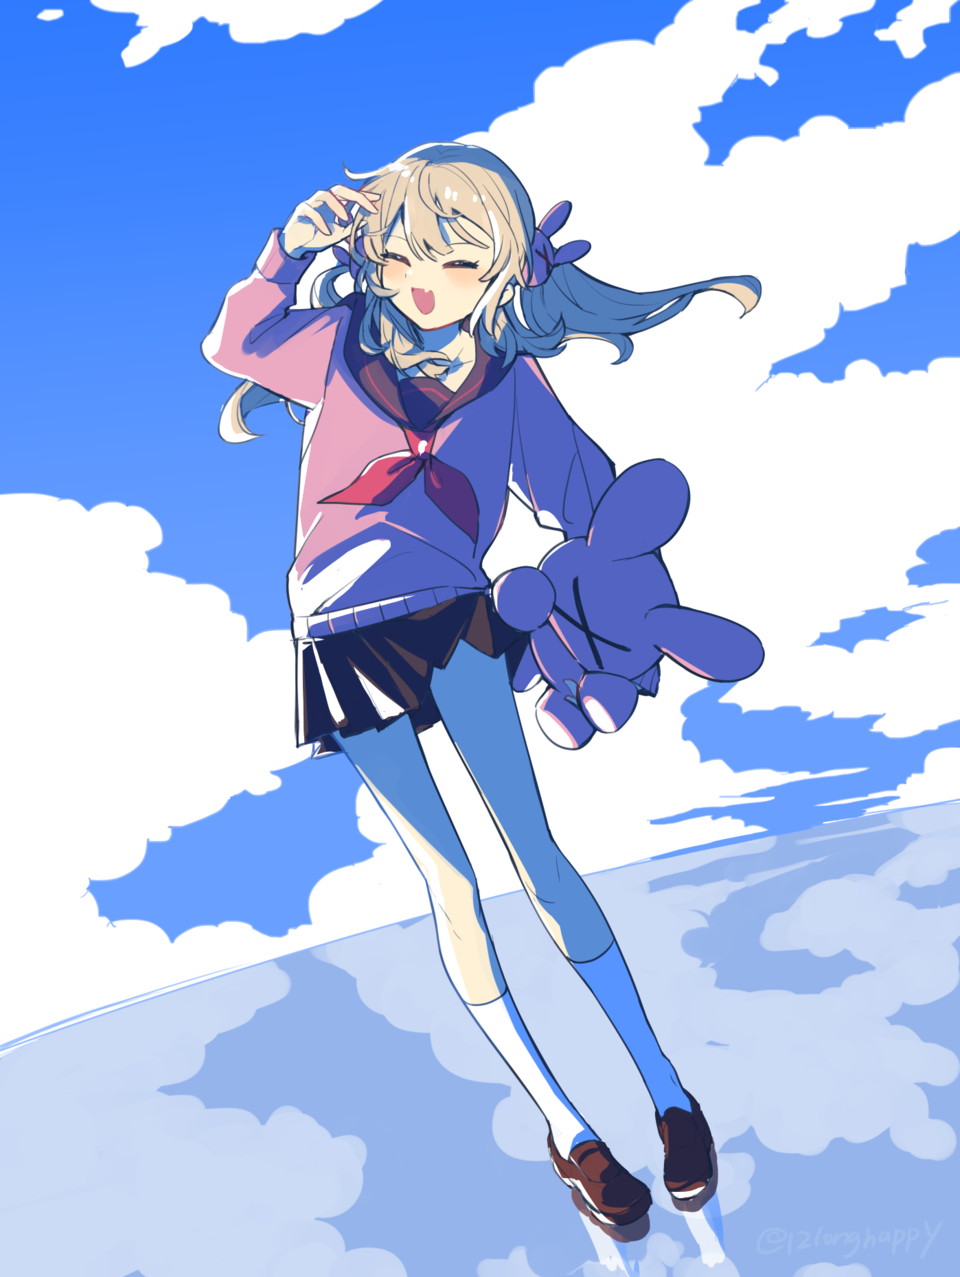 アマカミナトリ Illust of mn 名取さな girl virtual_YouTuber